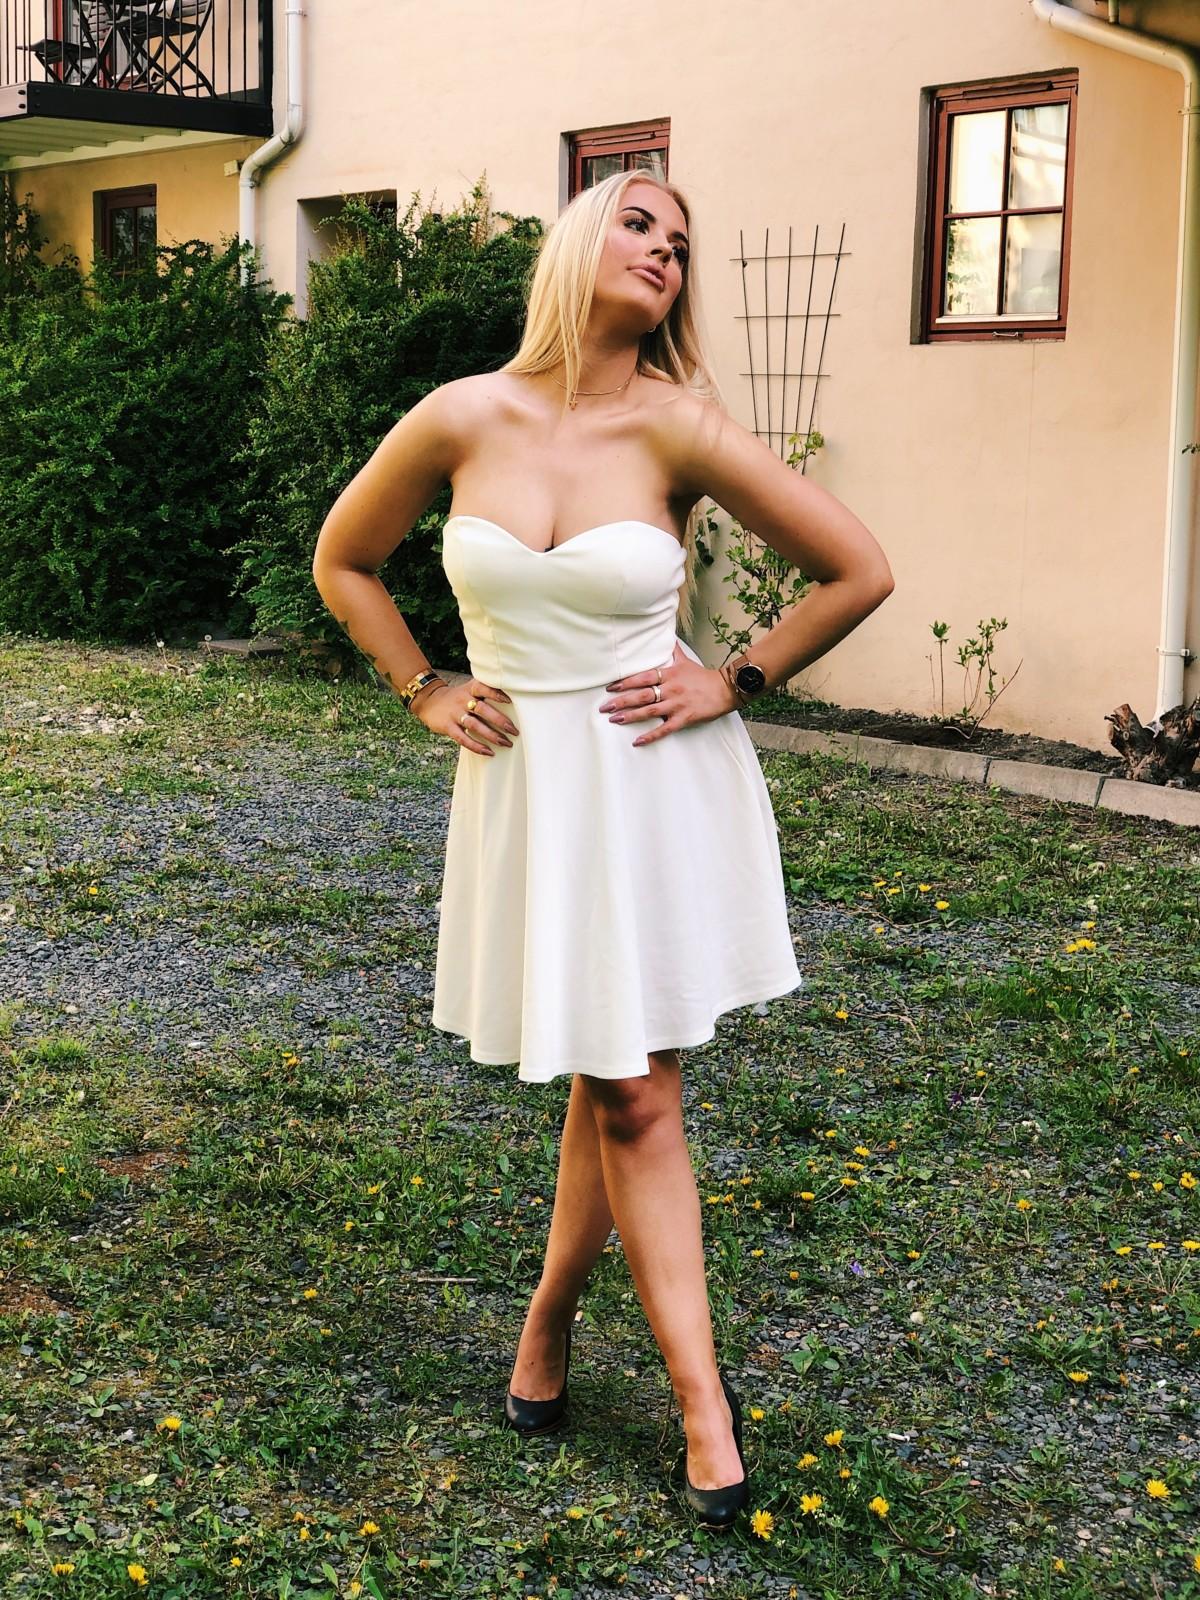 af2125f1 Isabelle Eriksen – Min 17. mai i bilder